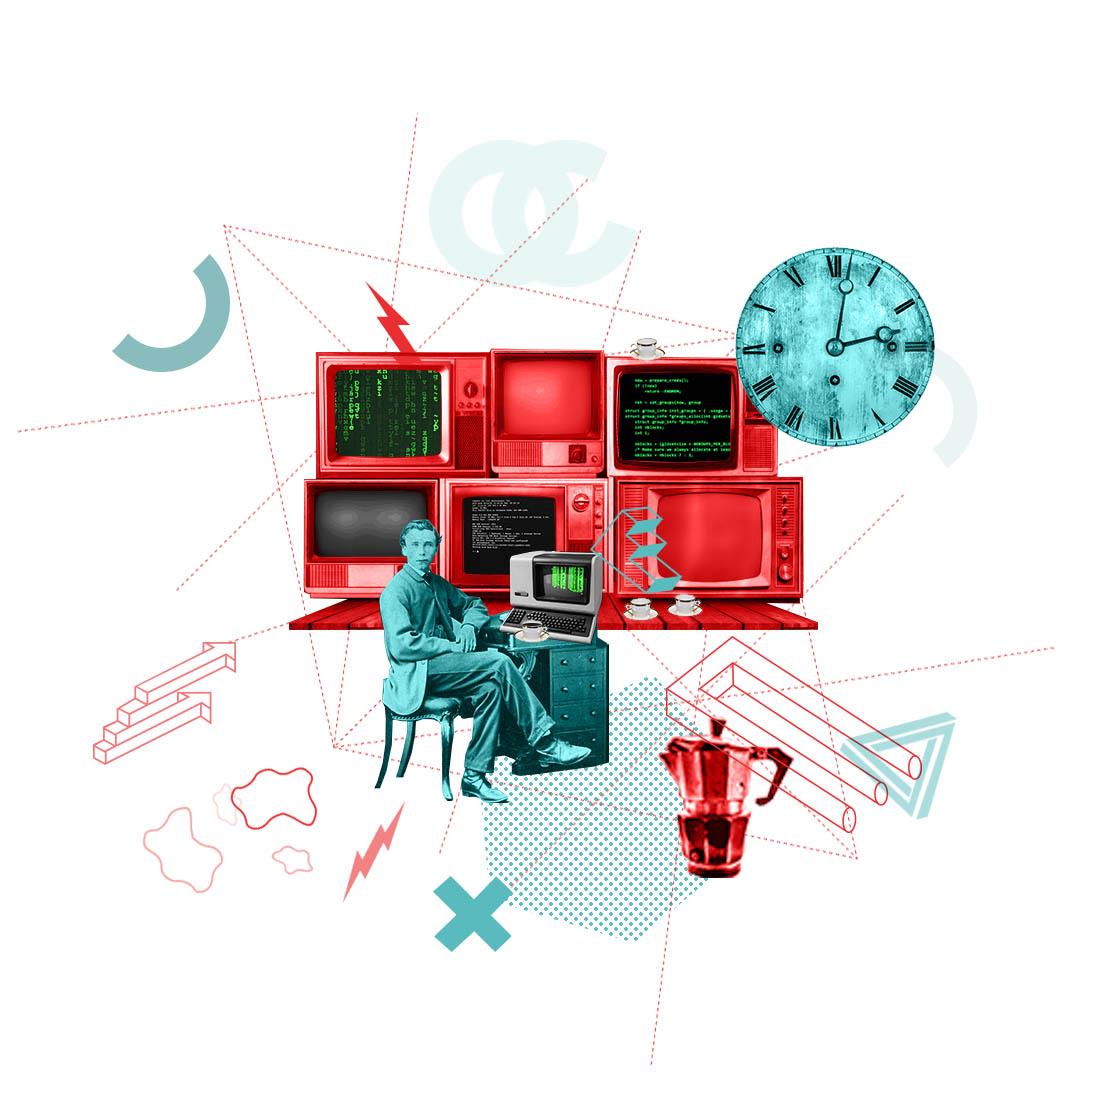 web devlopment services